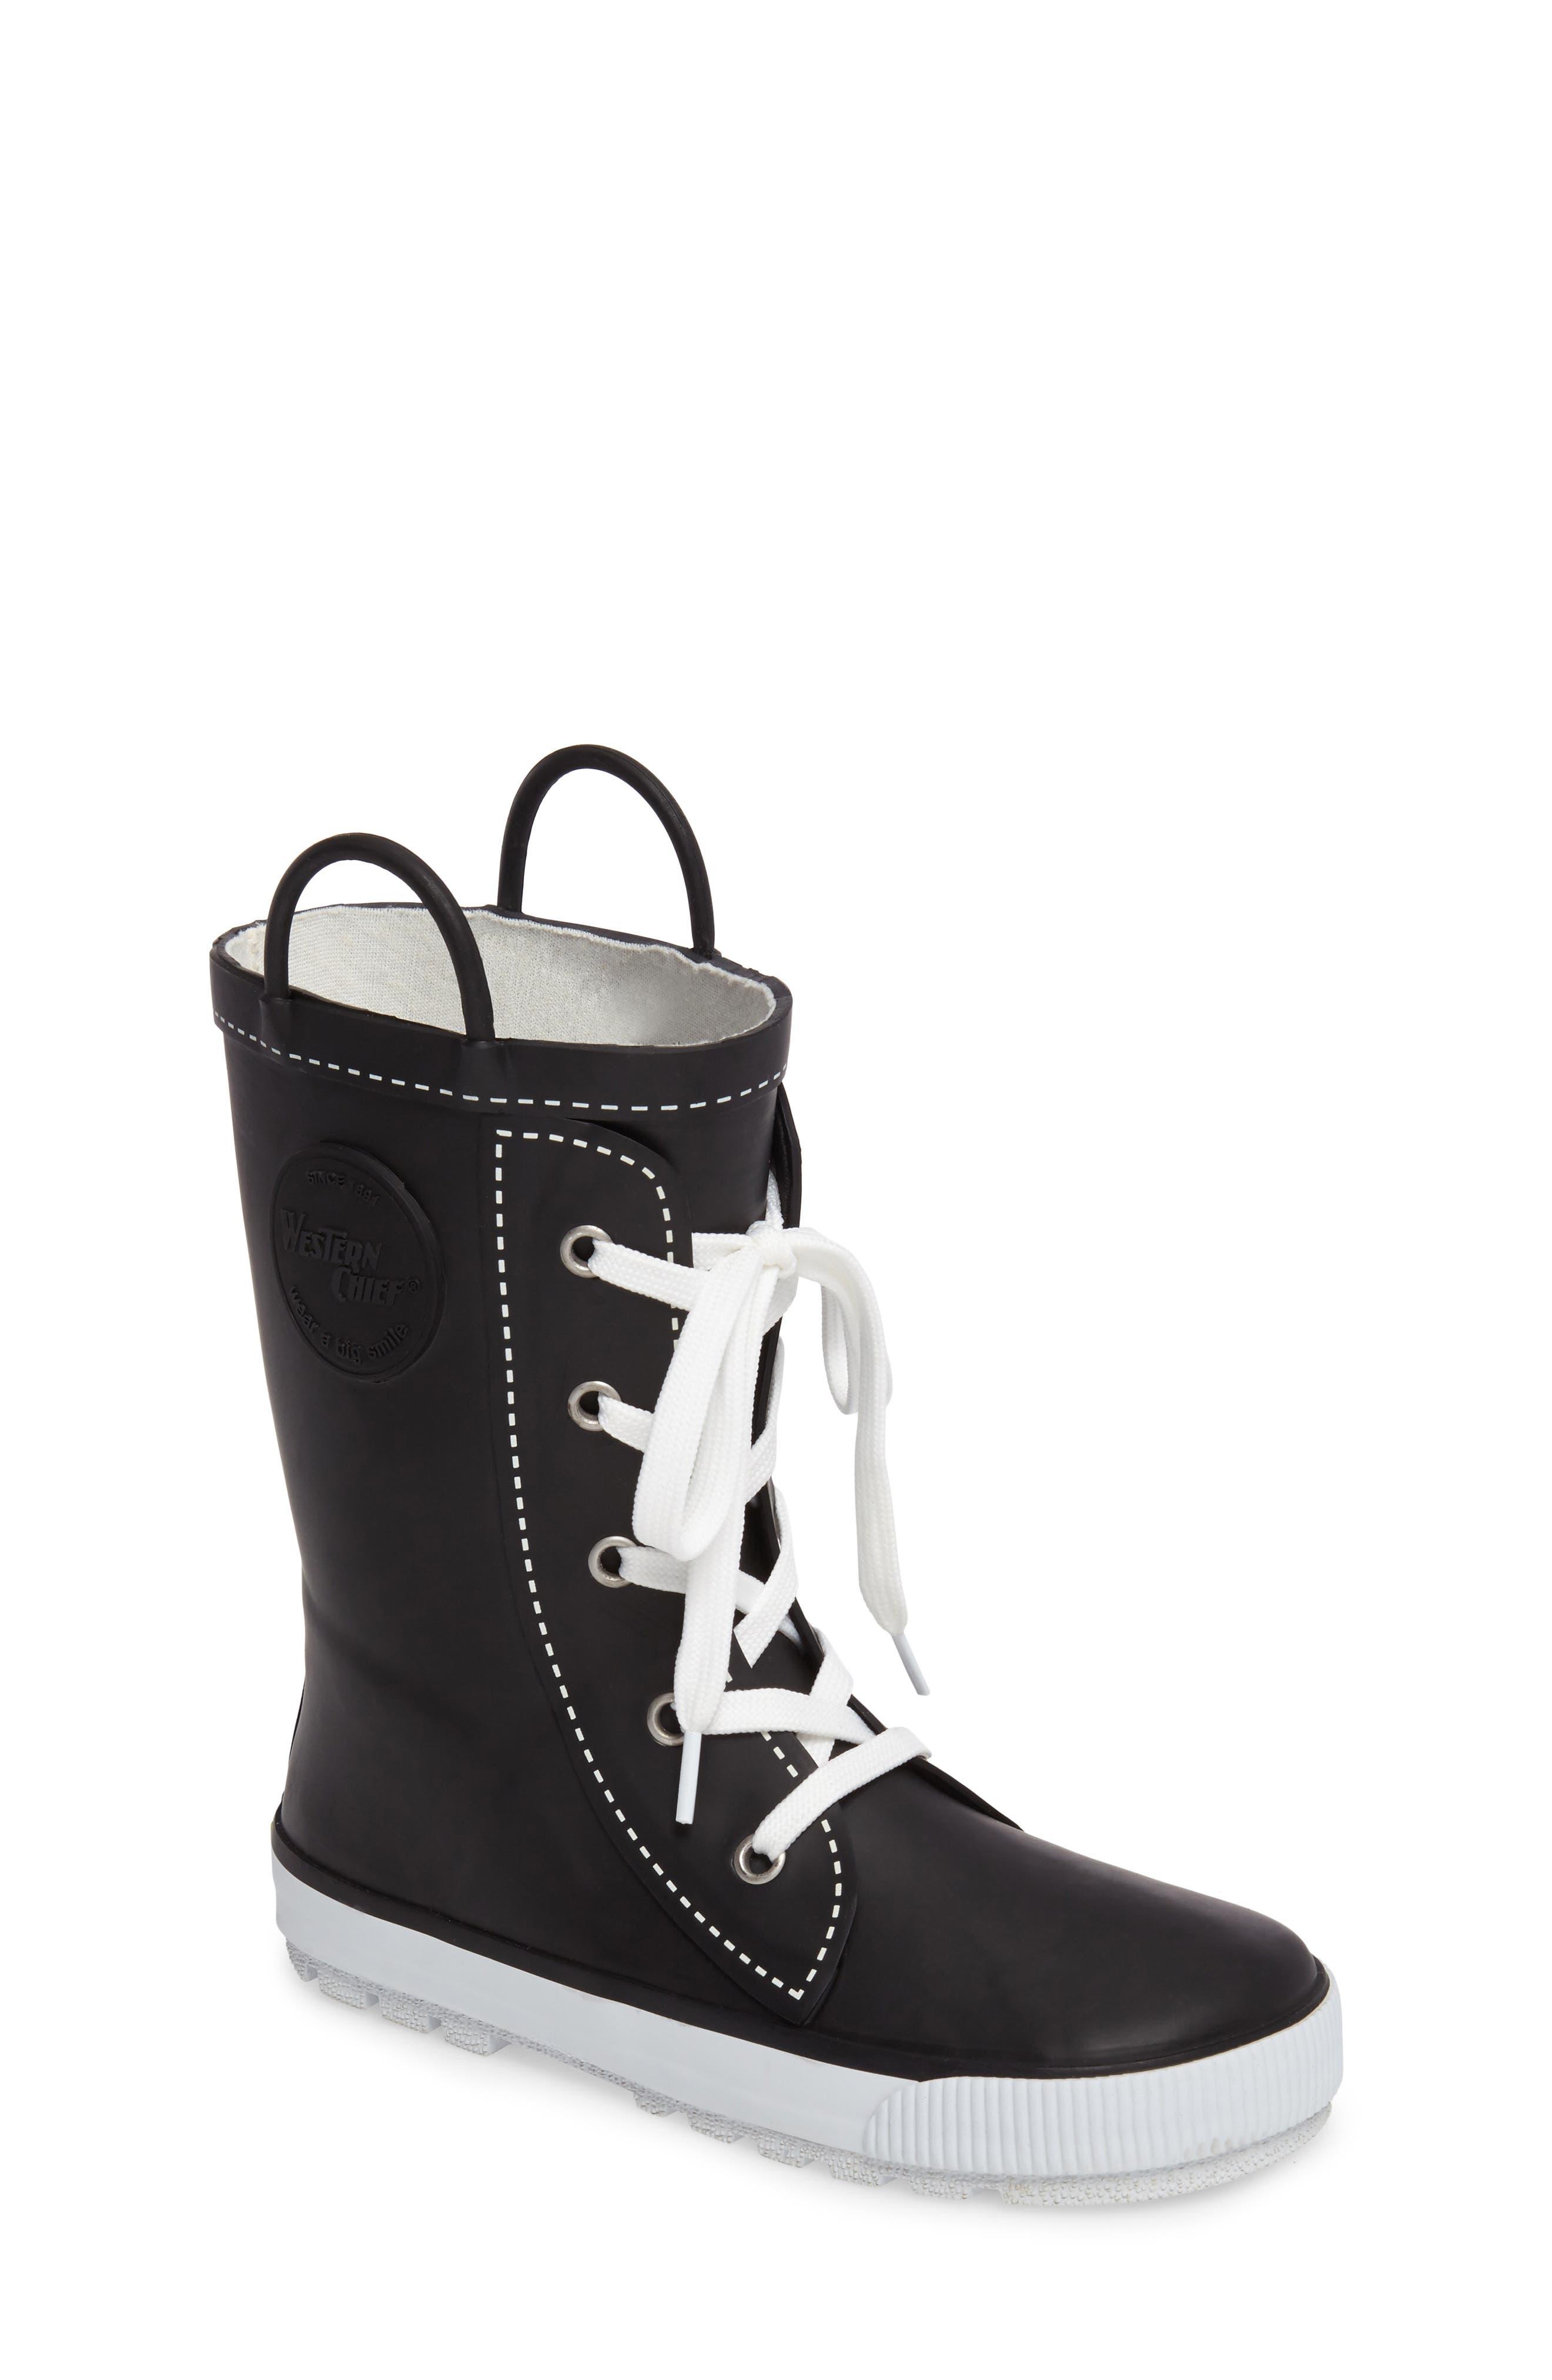 Alternate Image 1 Selected - Western Chief Waterproof Sneaker Rain Boot (Walker, Toddler, Little Kid & Big Kid)